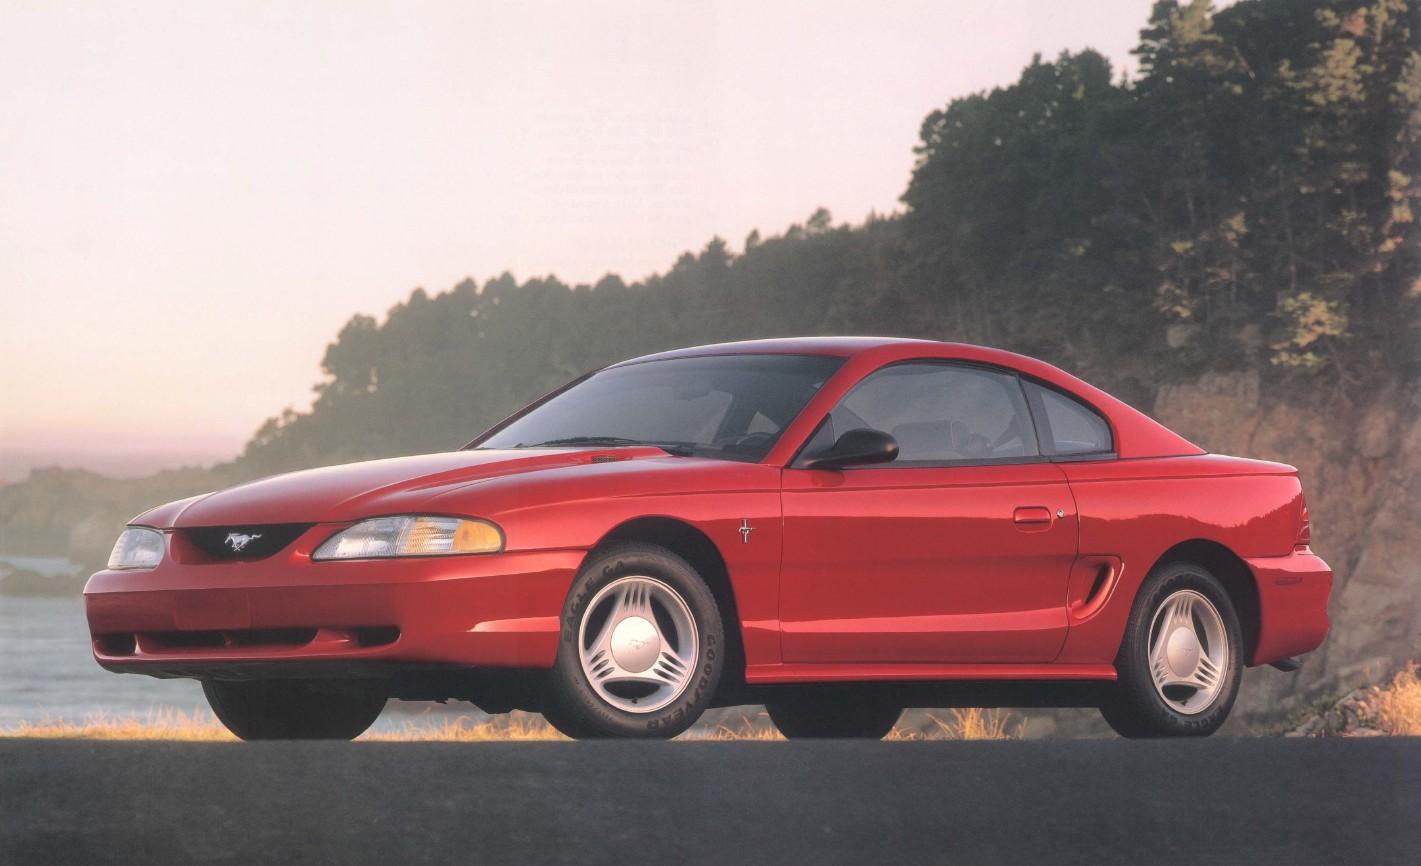 1994-ford-mustang-brochure-03.jpg